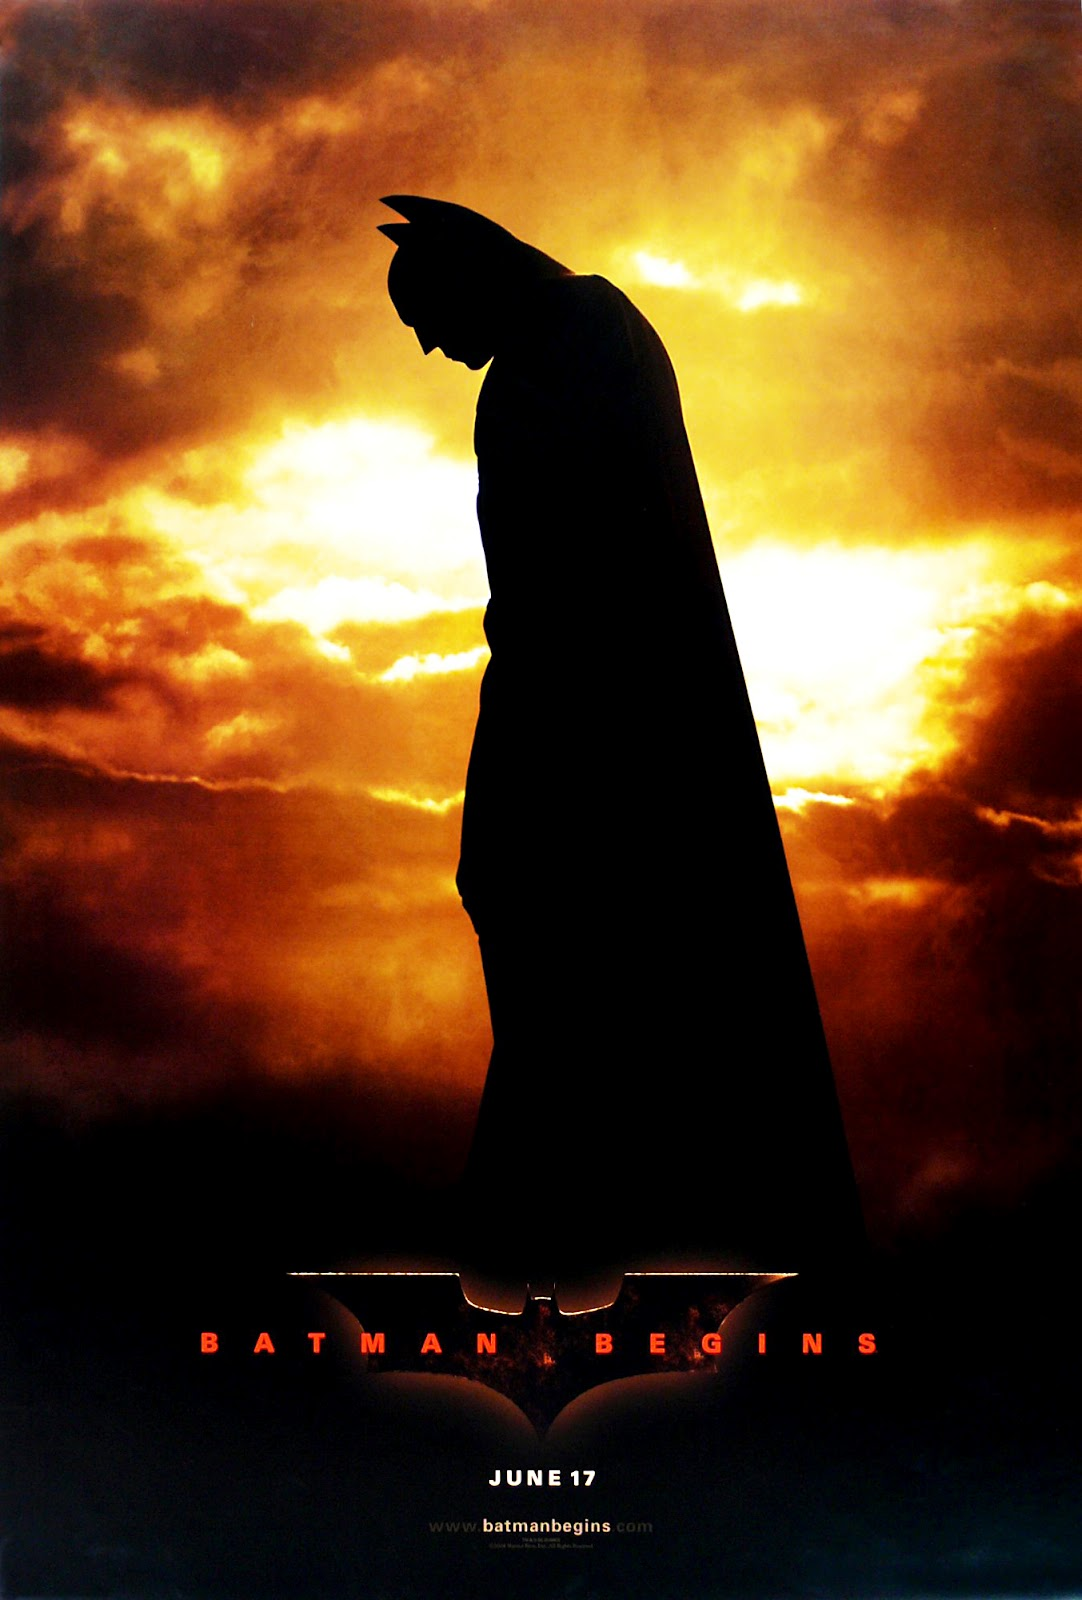 Batman begins die hard scenario wiki fandom powered by wikia voltagebd Image collections